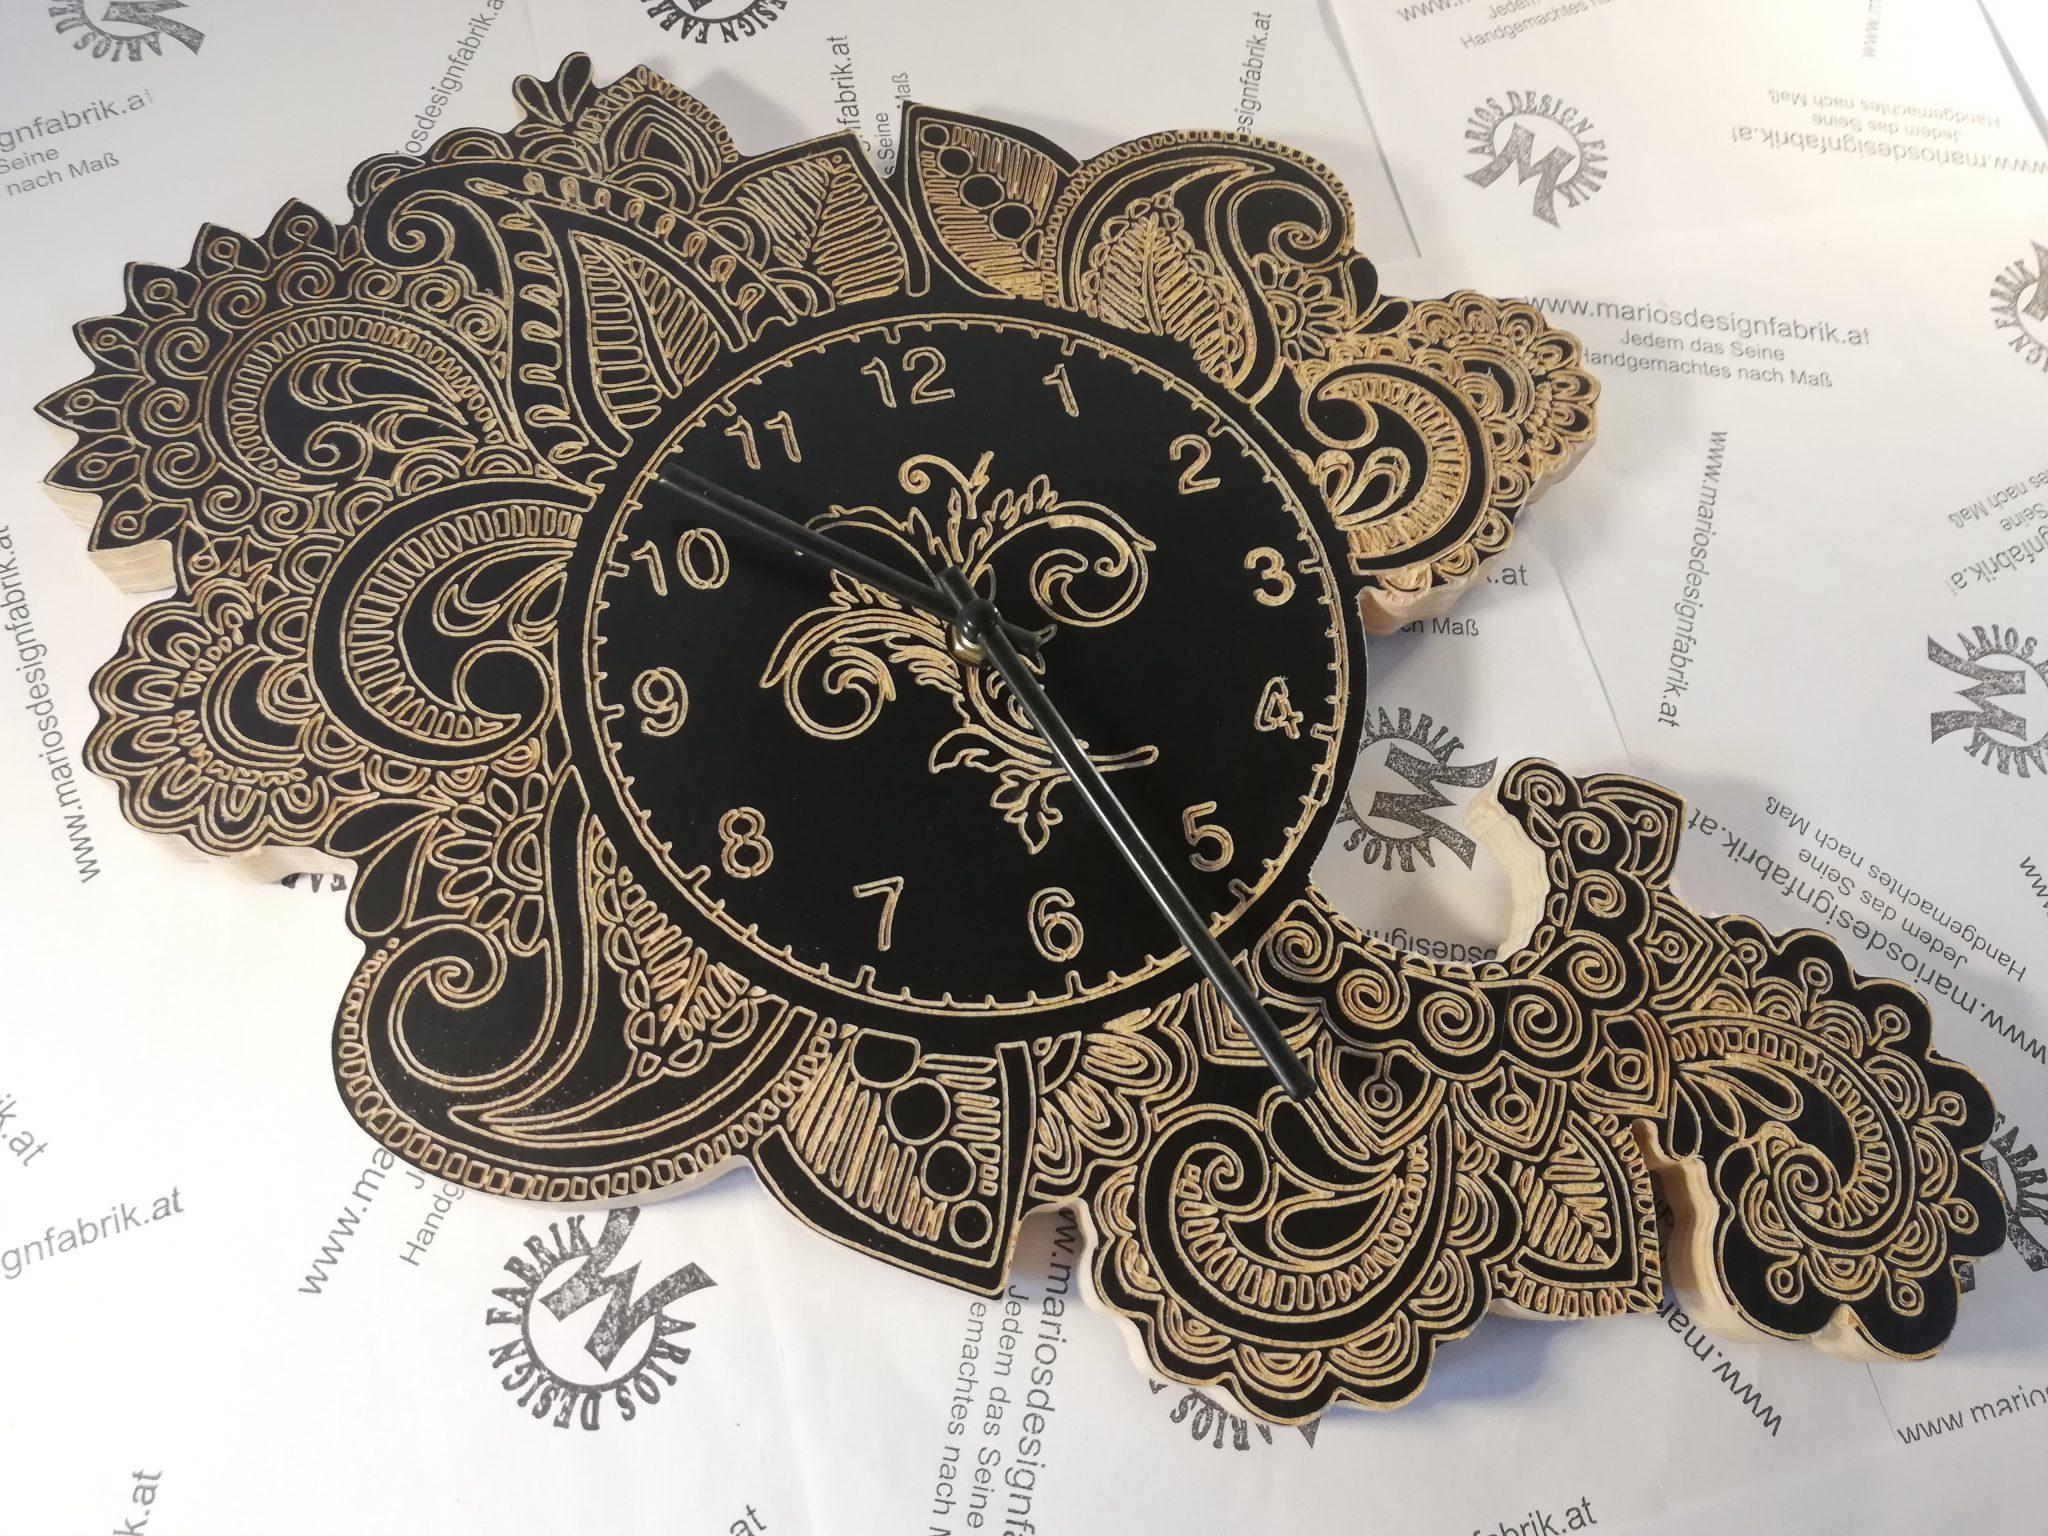 Wanduhr graviert Motiv Blätter Ranken Blumen mit Uhrwerk aus Birke Siebdruckplatte